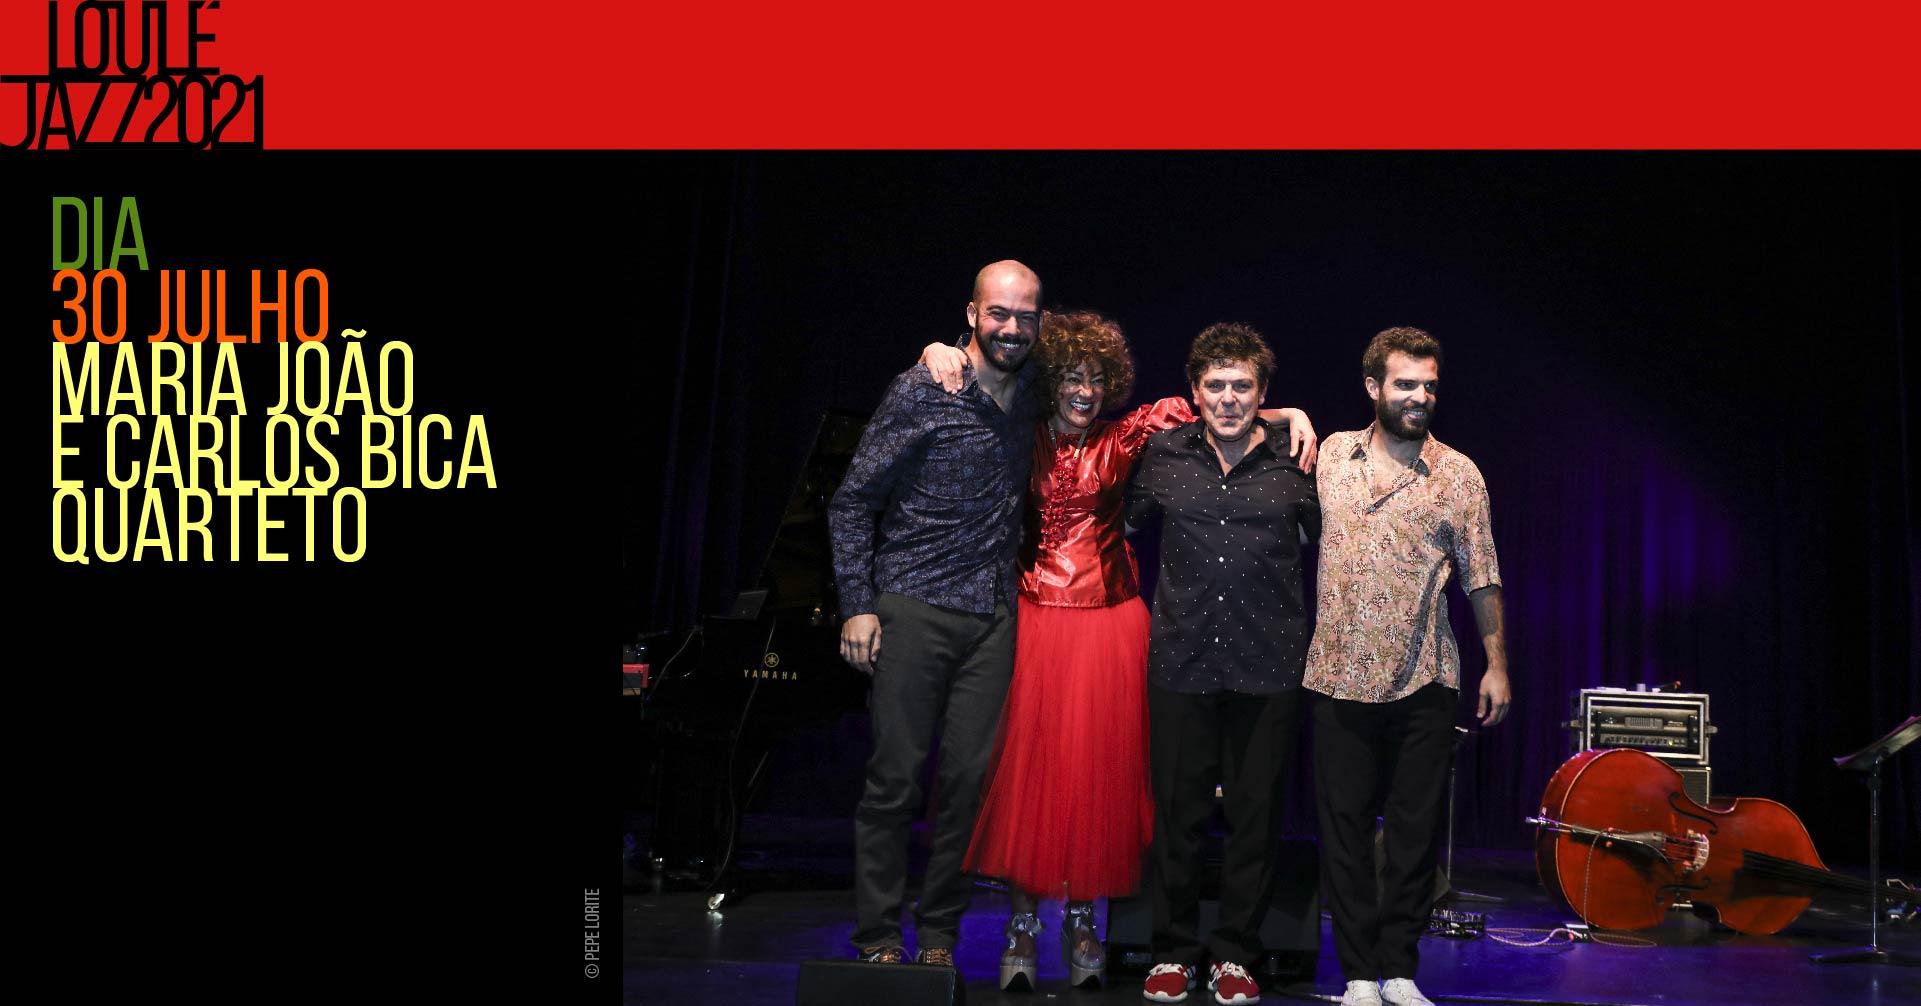 26º Loulé Jazz | Quarteto de Maria João e Carlos Bica